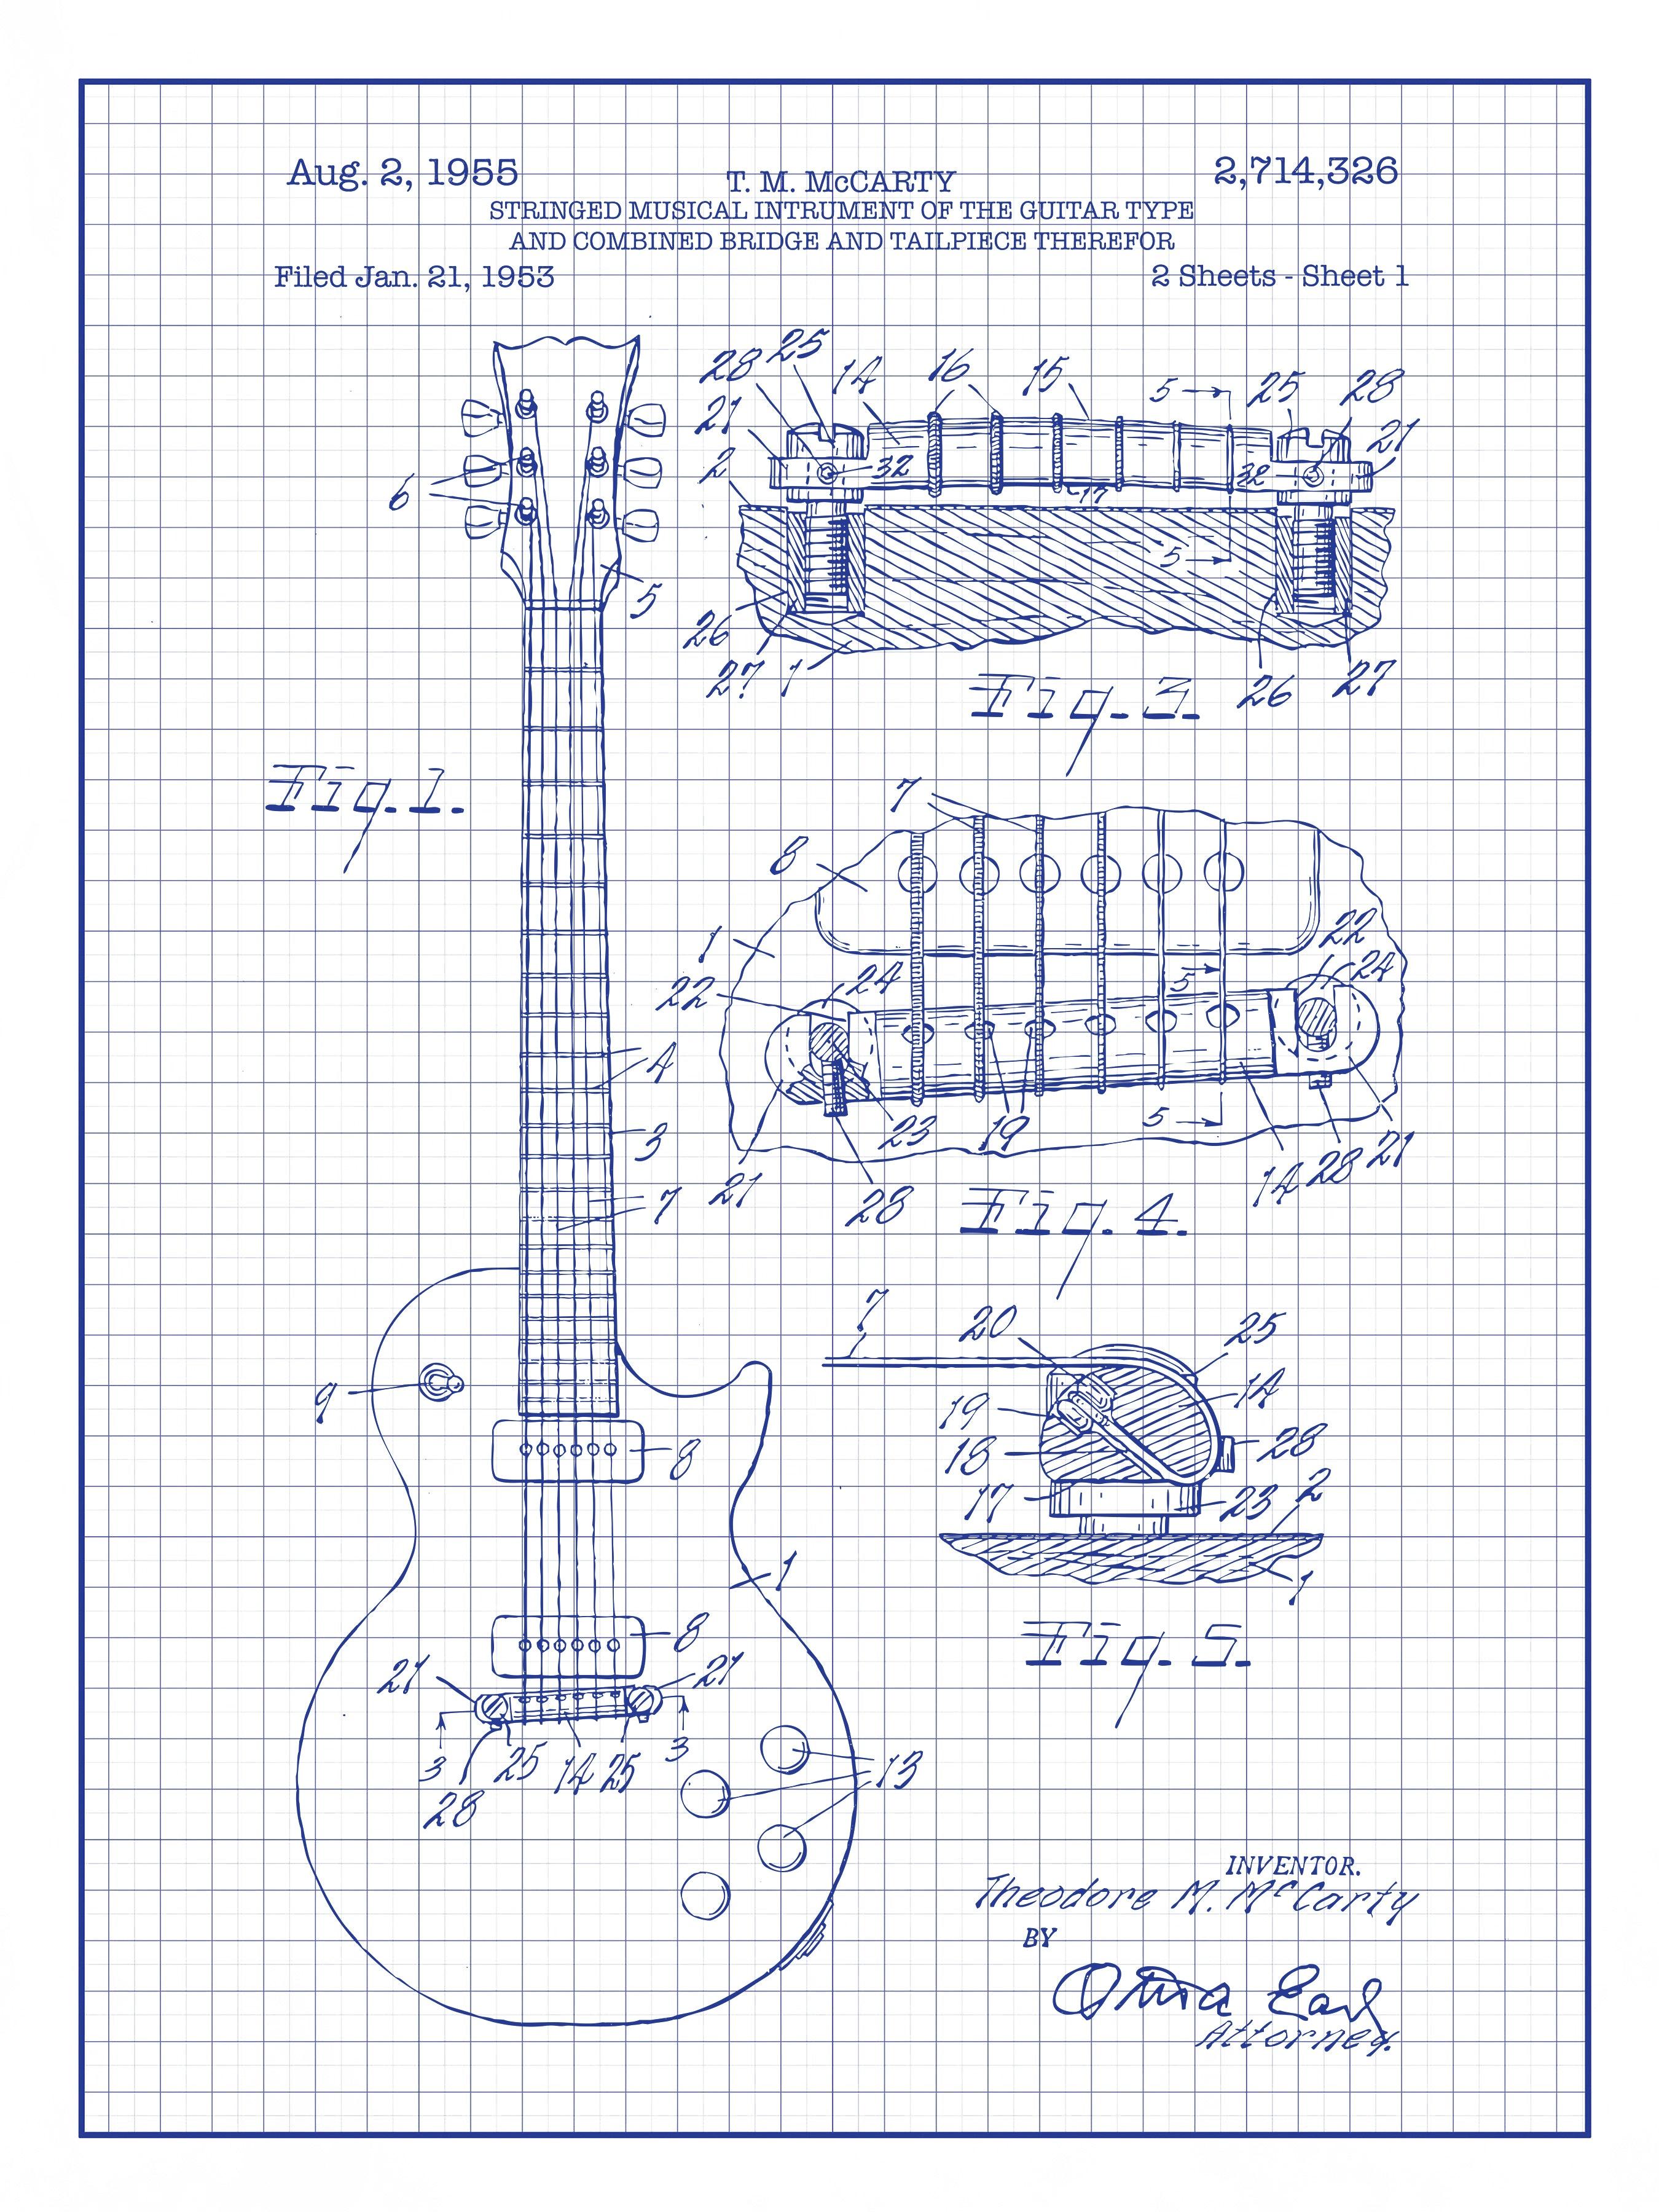 Les Paul Guitar - T.M. McCarty - 1955 - 2,714,326